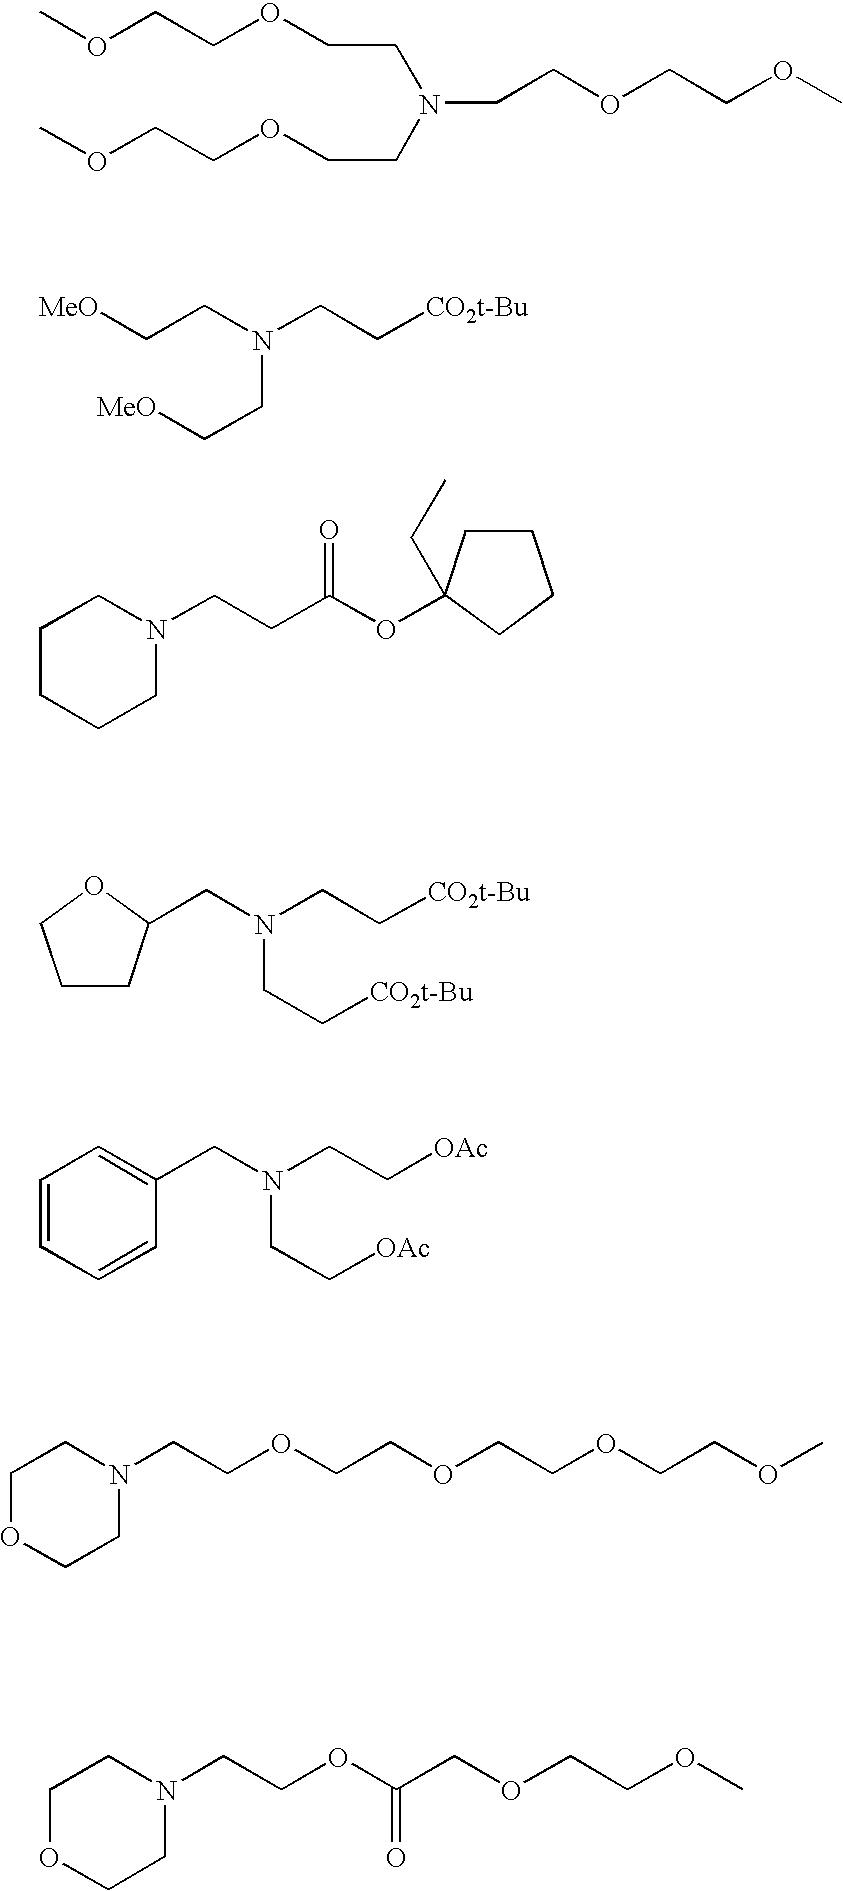 Figure US20060154171A1-20060713-C00005